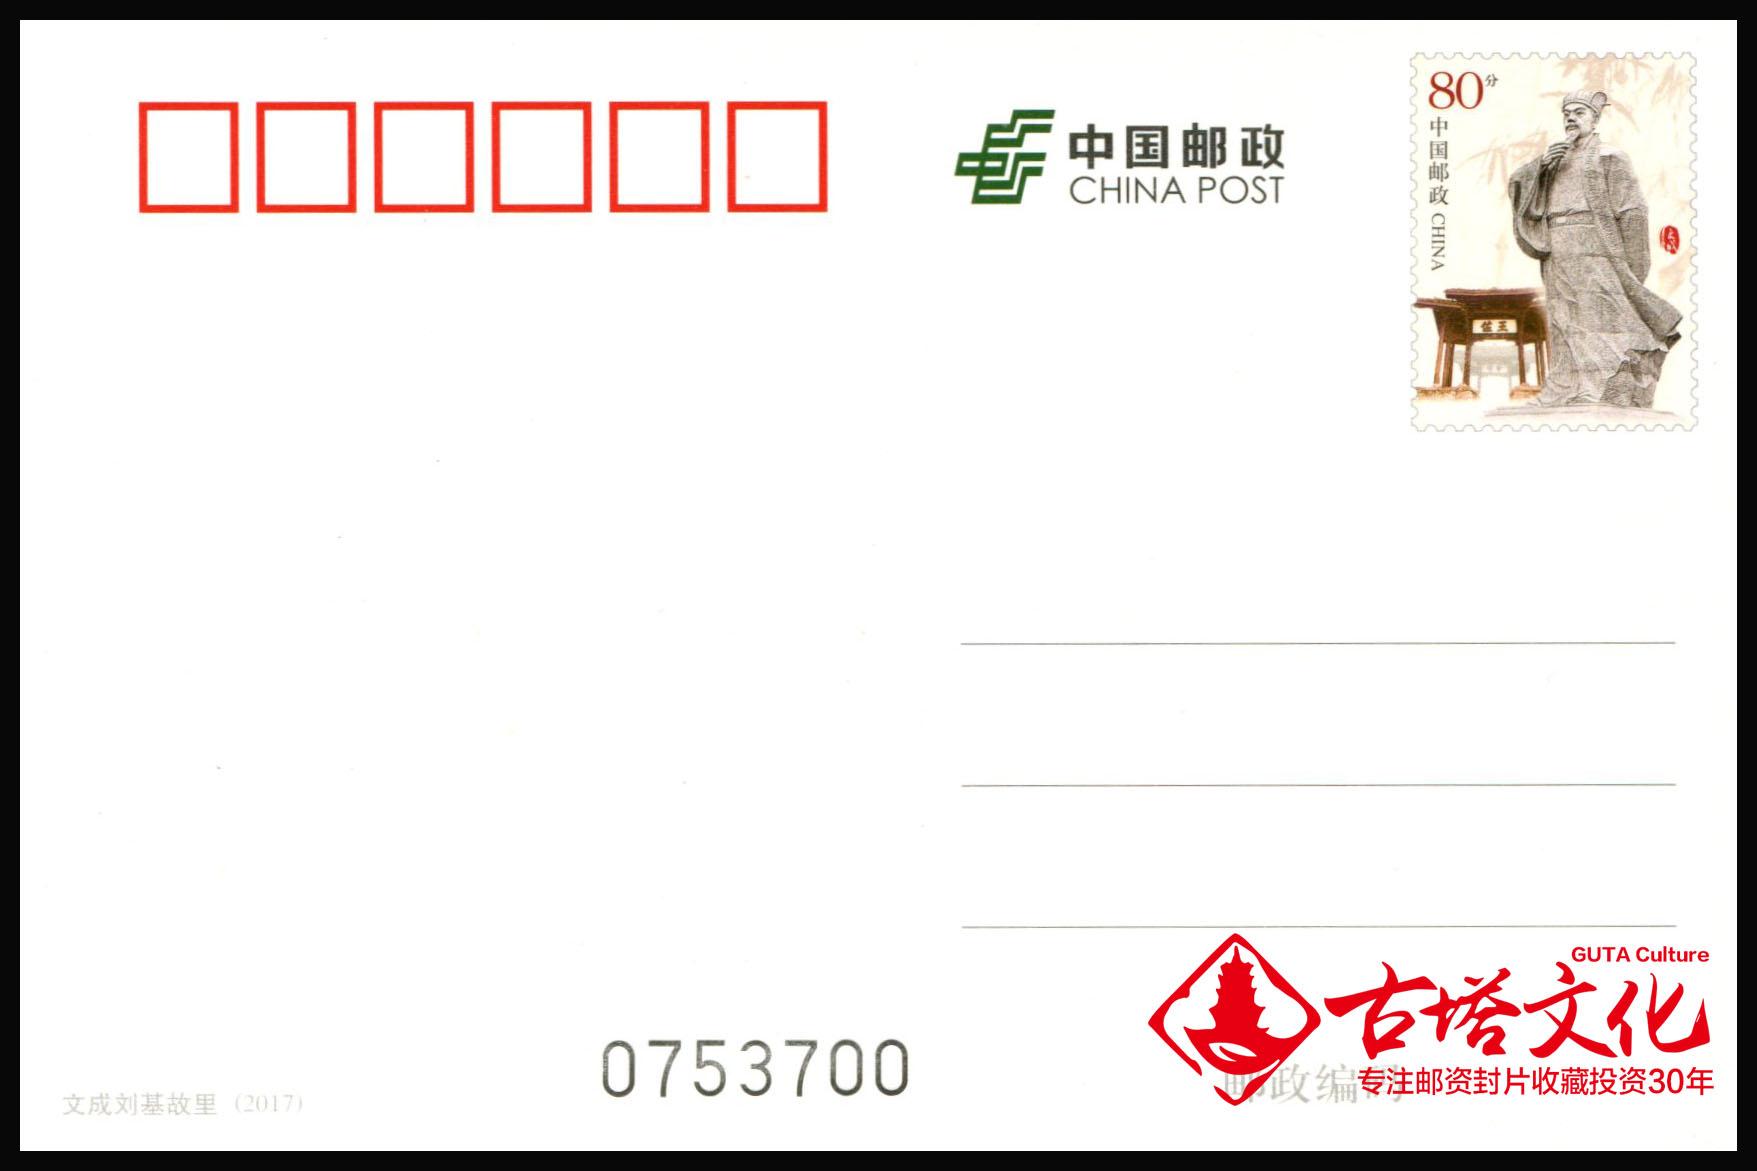 PP283 культура становиться лю база ( лю филиал температура ) поэтому в (2017) генерал почта капитал открытка почта капитал лист генерал лист